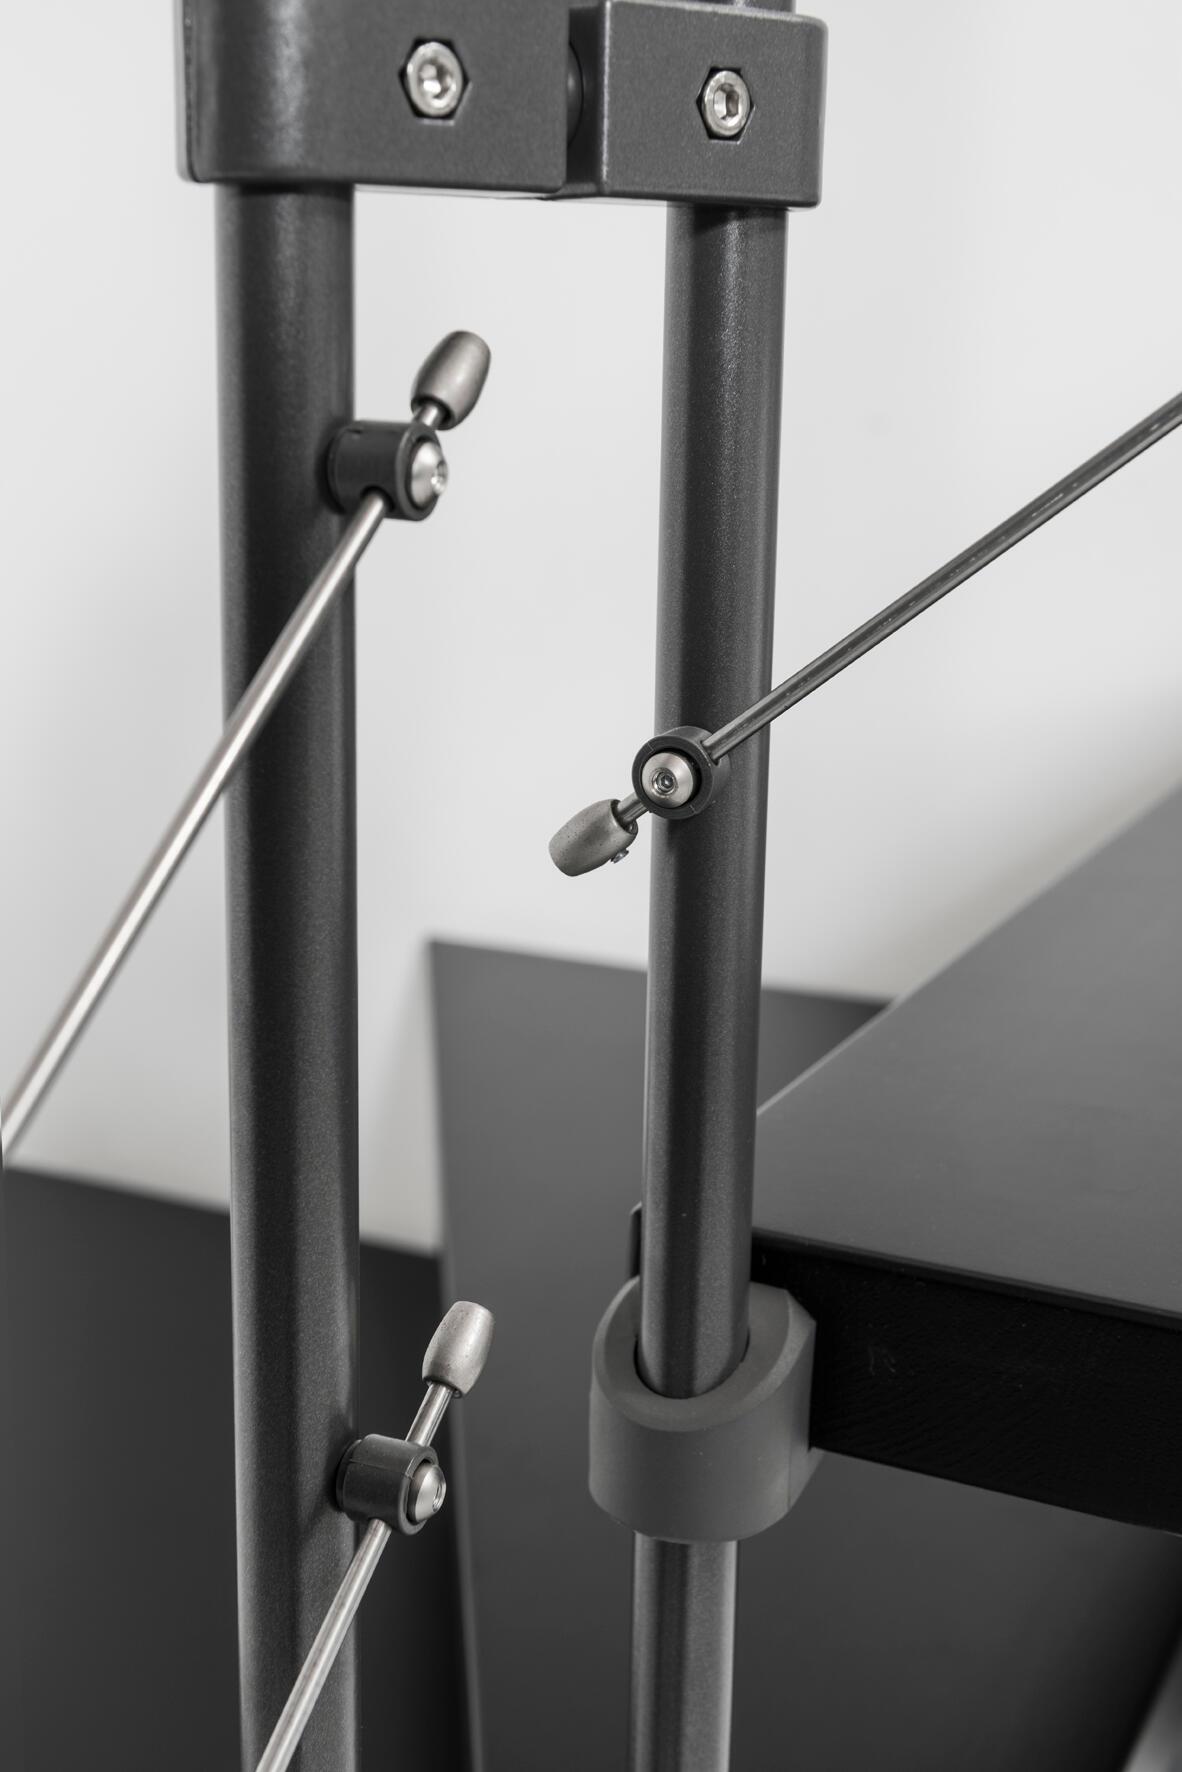 Scala a rampa 1/4 di giro Mas FONTANOT L 85 cm, gradino grigio antracite scuro, struttura antracite - 2